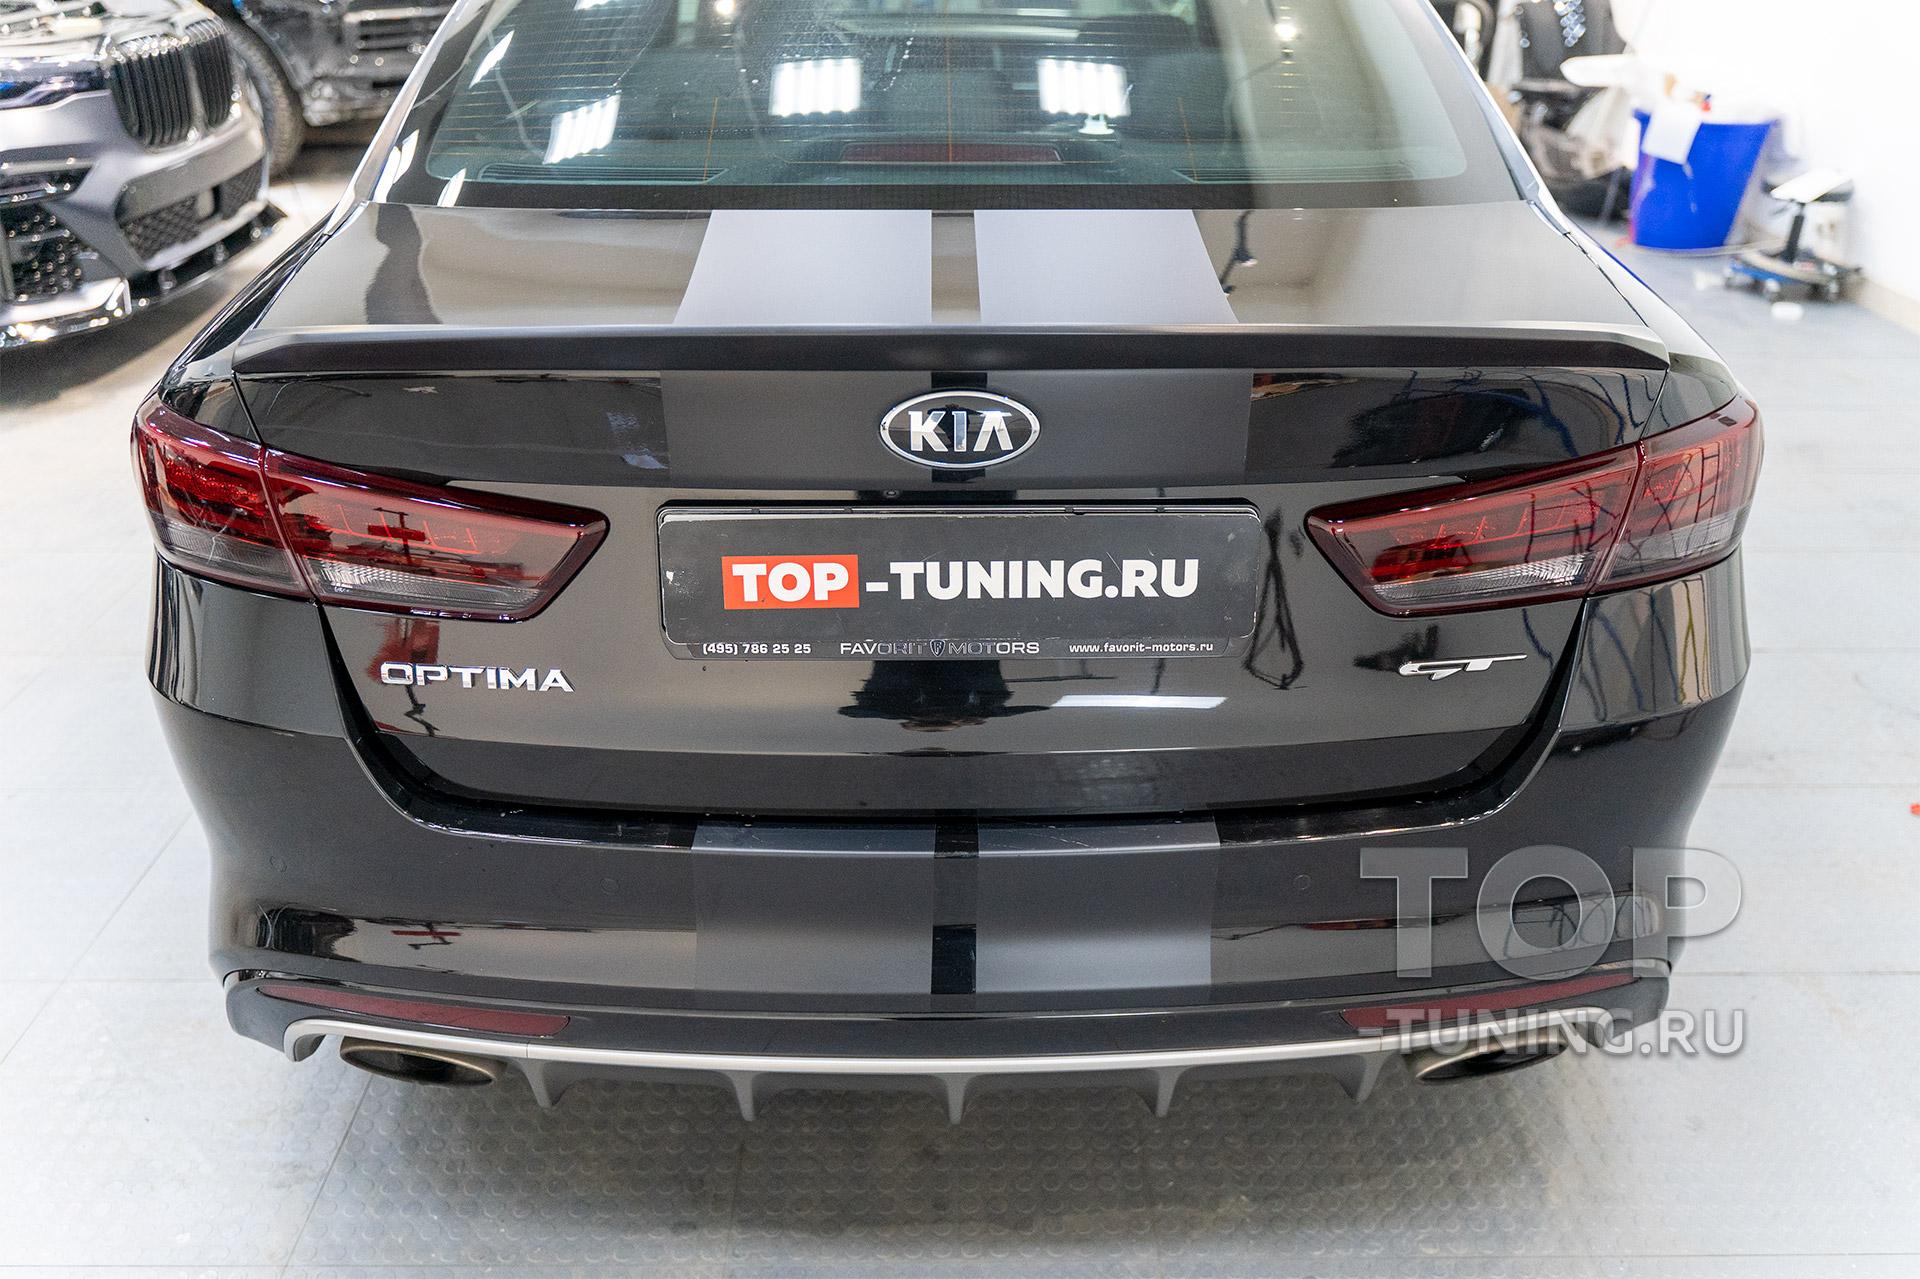 104239 Установка обвеса GT-Line Plus на Kia Optima 4